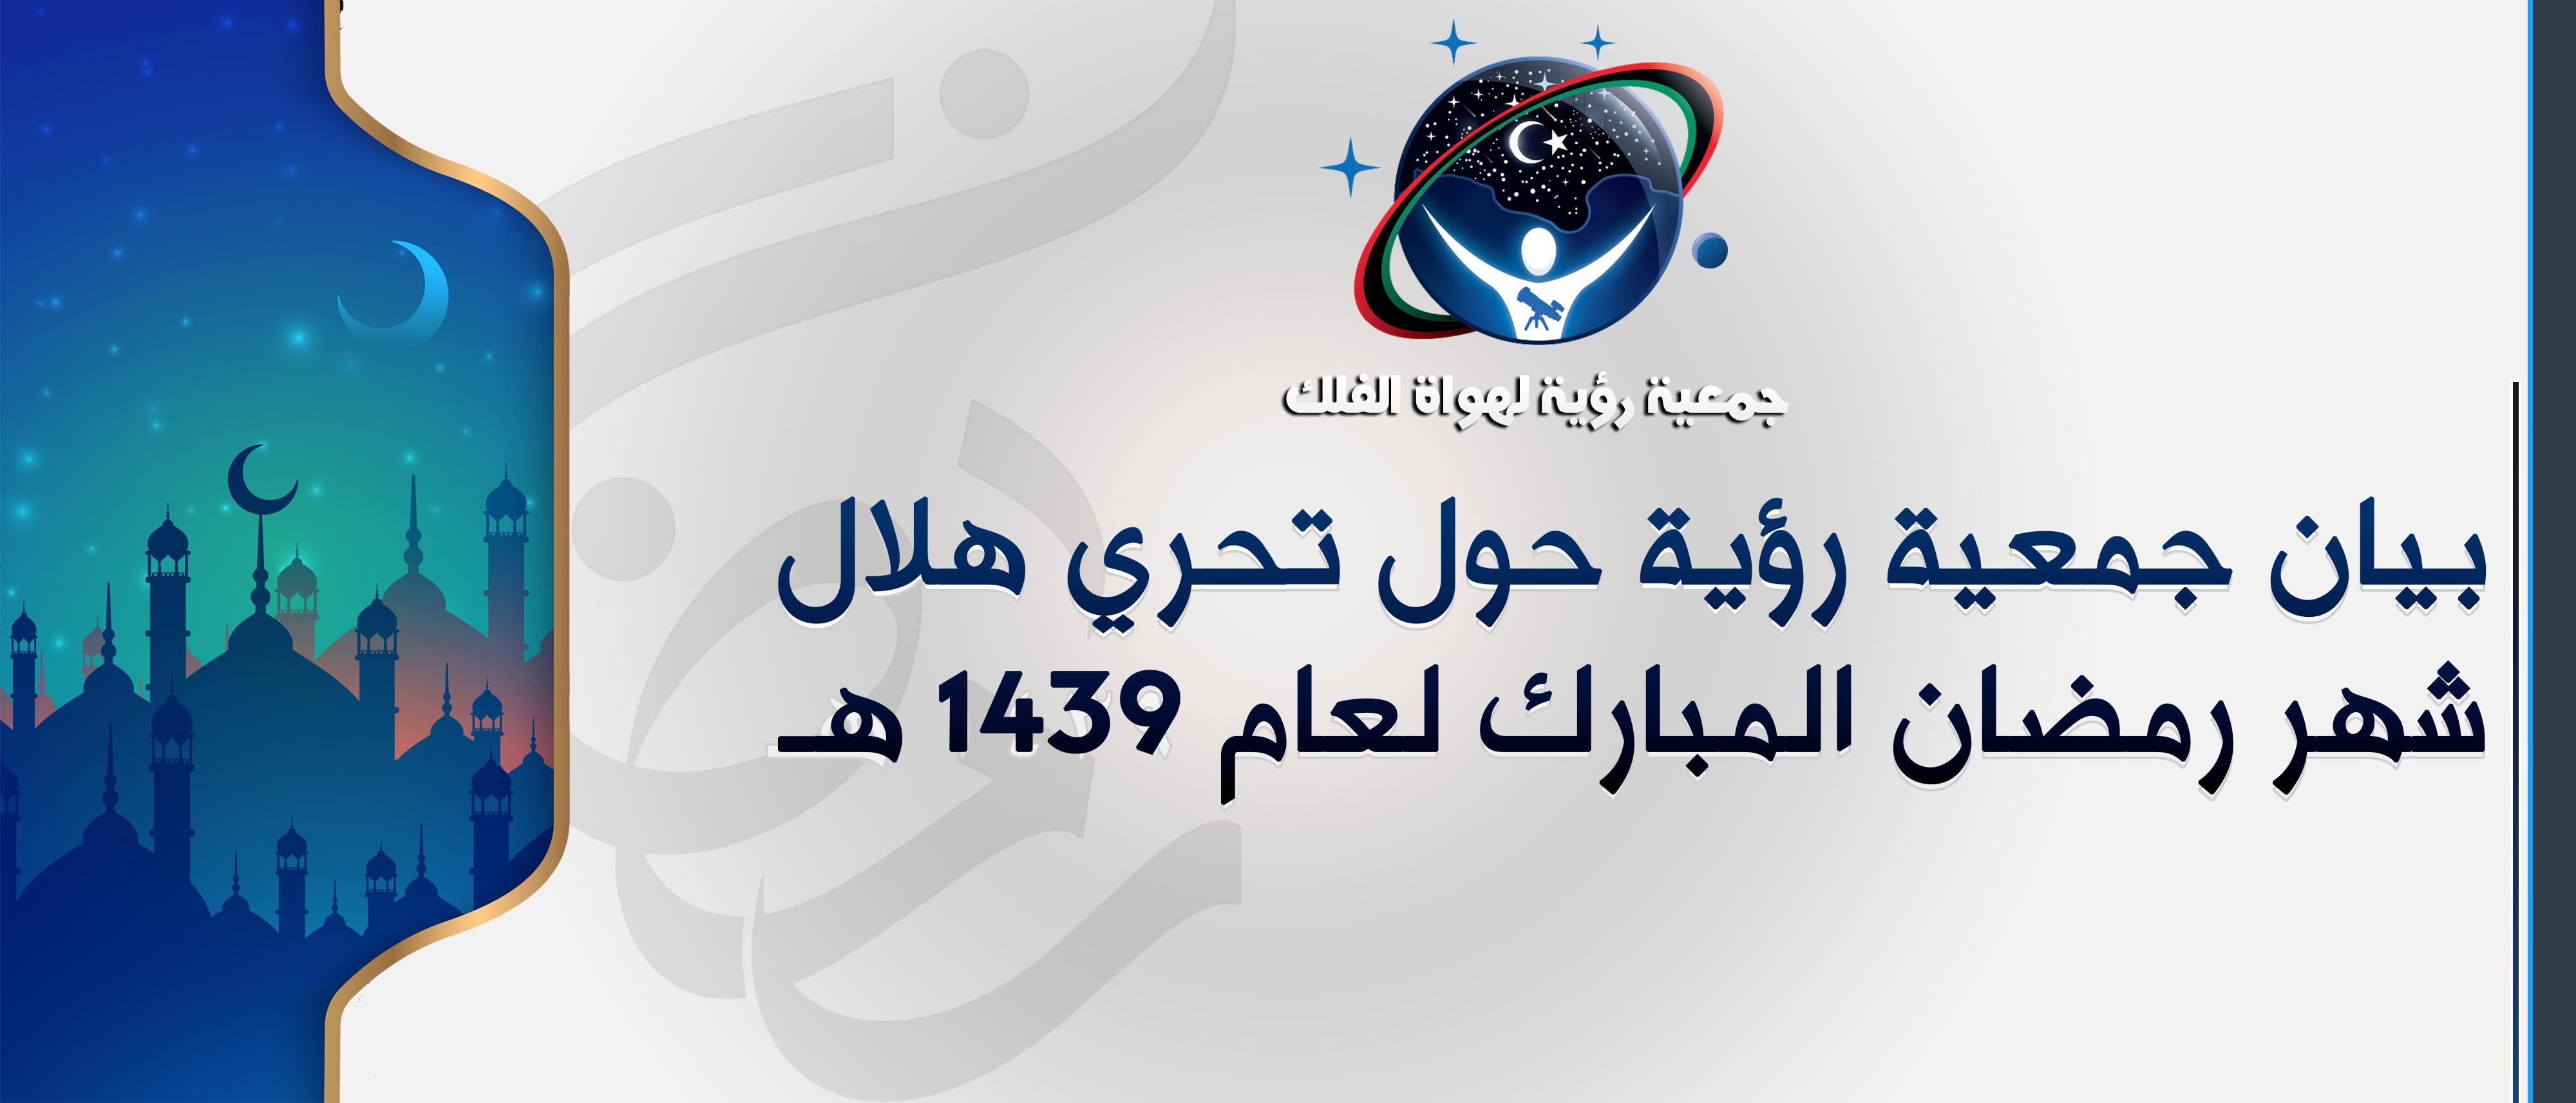 بيان جمعية رؤية حول تحري هلال شهر رمضان المبارك لعام 1439 هـ